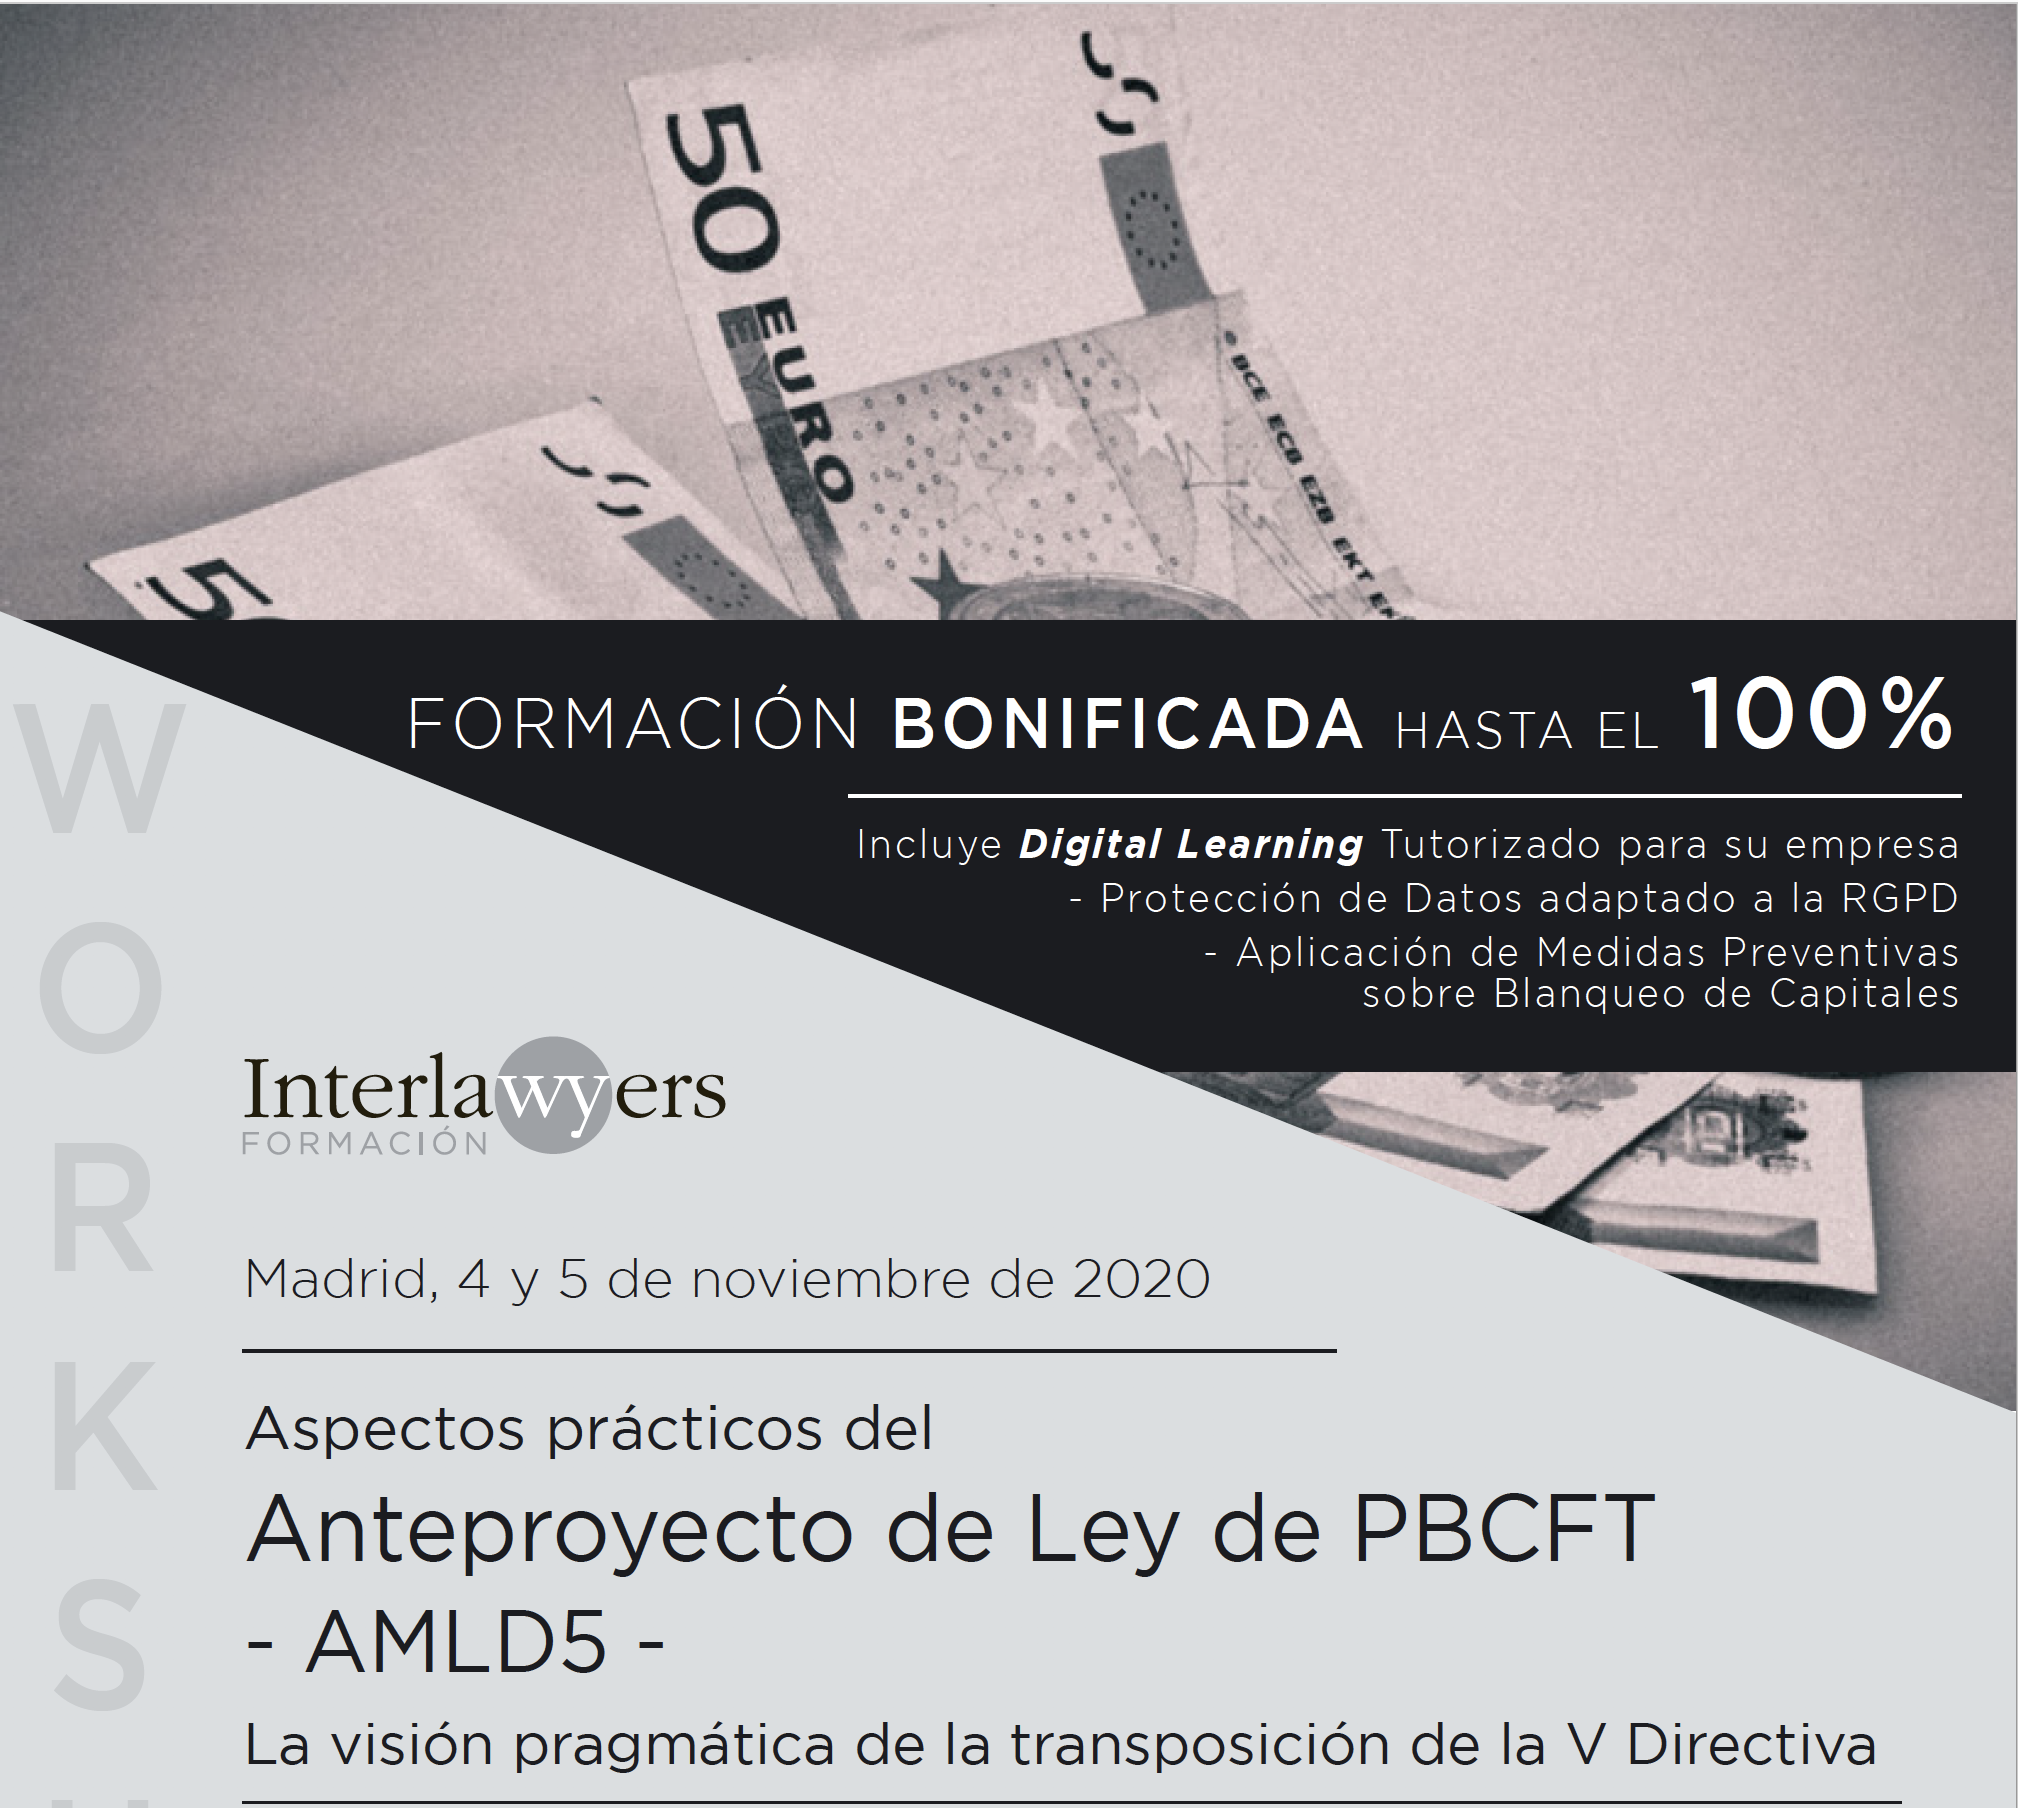 Flyer del evento Compliance en Madrid el 4 y 5 de Noviembre